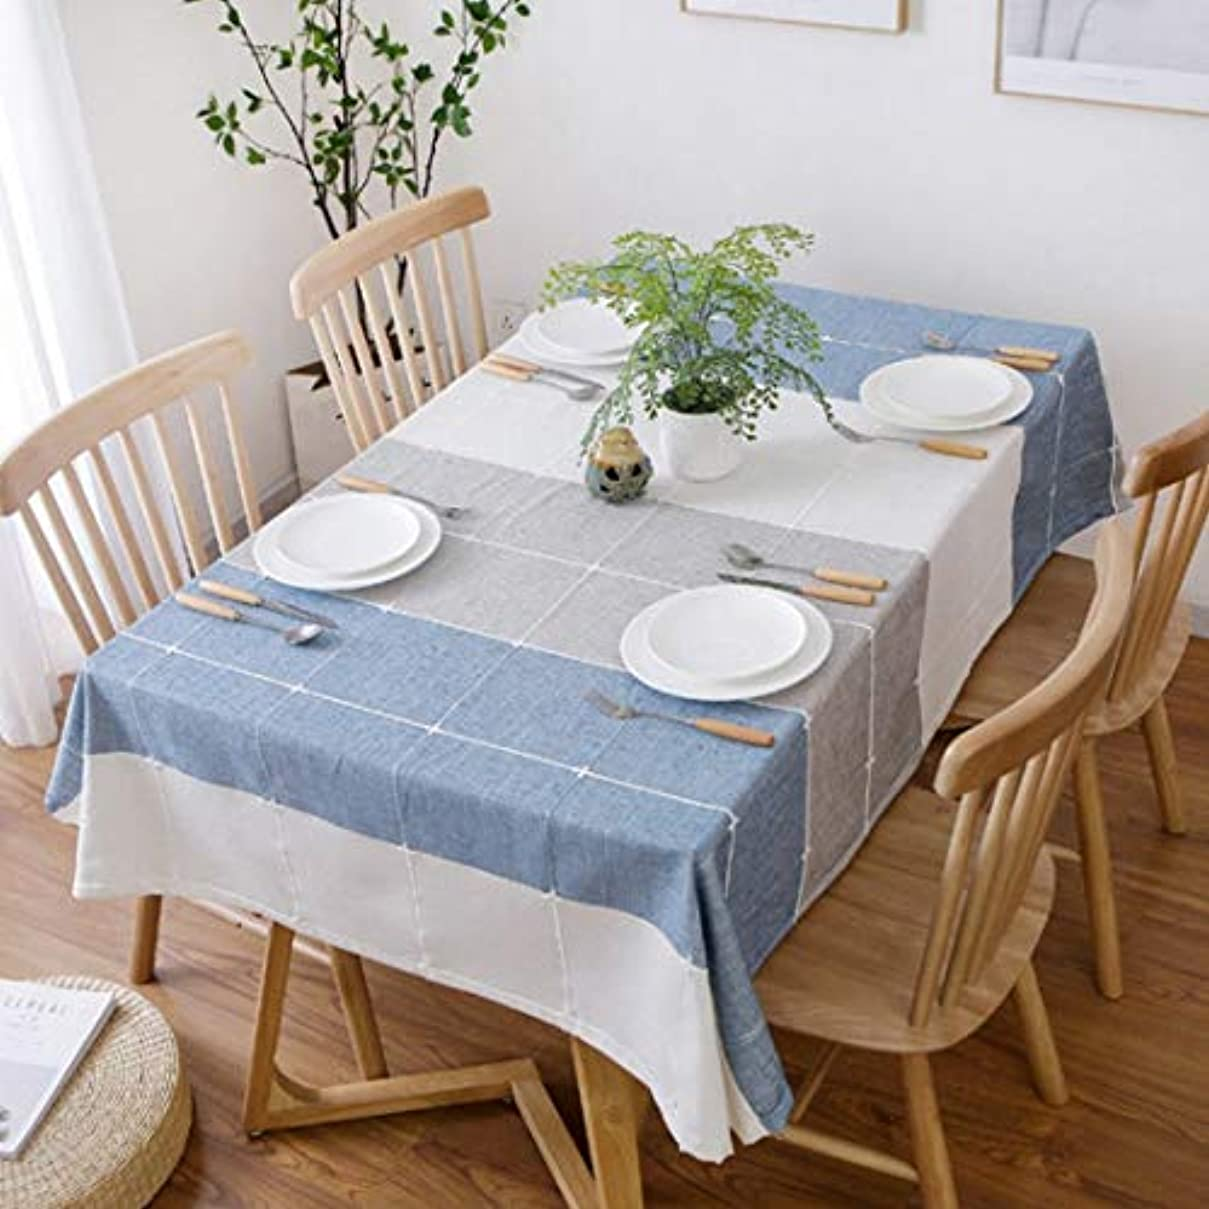 肥沃な二層スクレーパーSceliny テーブルクロス単純な格子の長方形多目的な布のアートコーヒーテーブルの装飾ホームテーブルクロス (色 : 青, サイズ : 130*180CM)